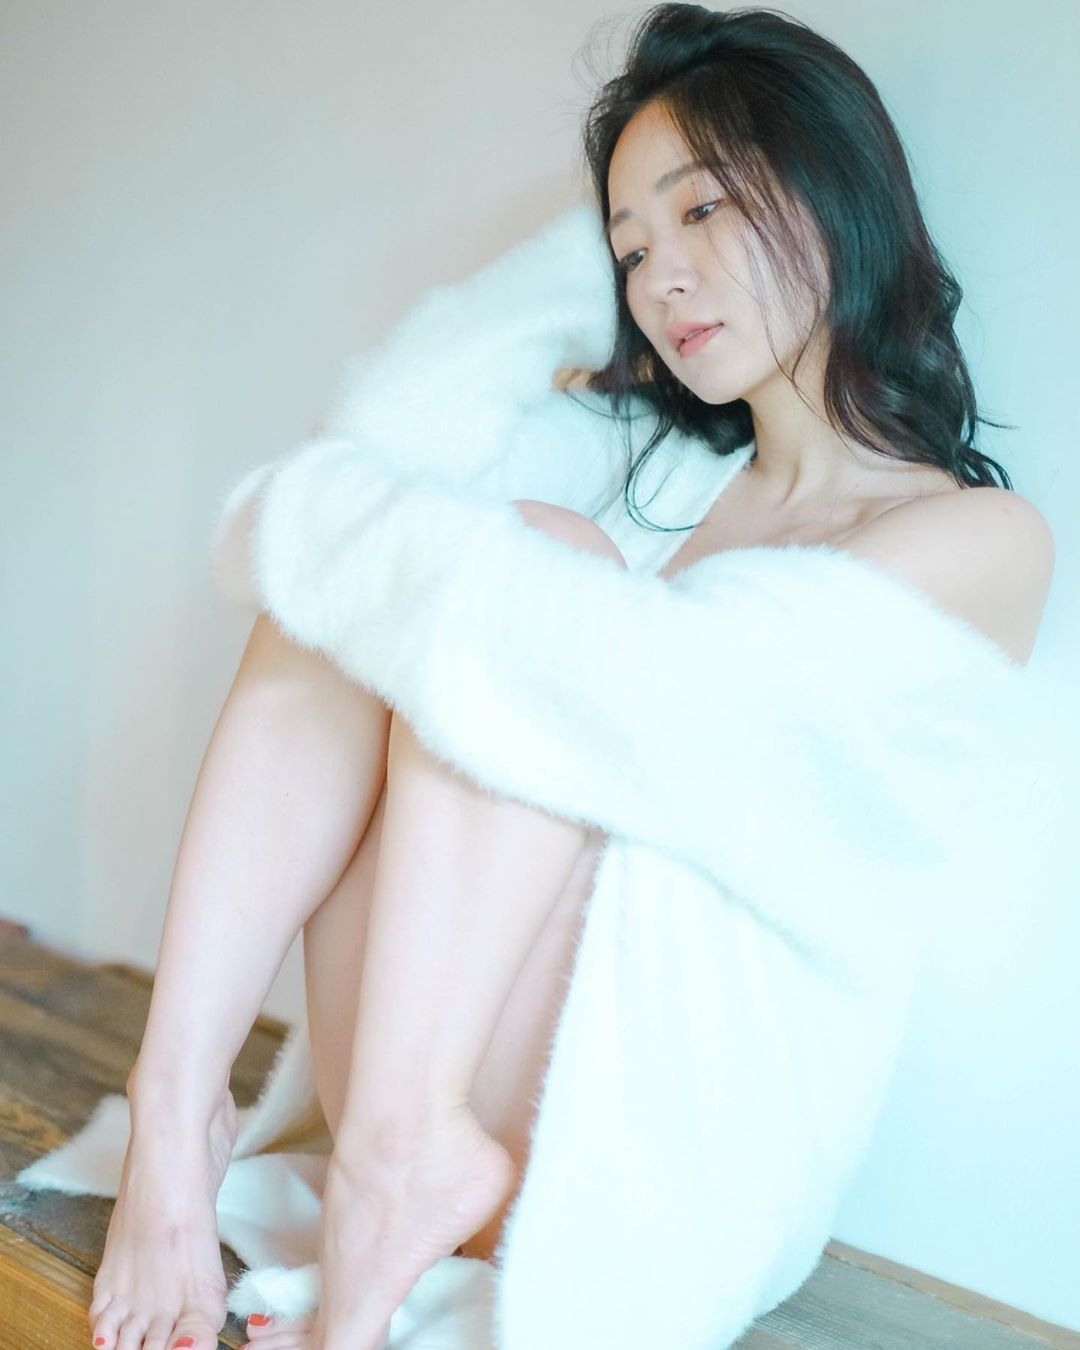 日本31岁女星阶户瑠李病逝,出演过《全裸导演》等作品 第9张